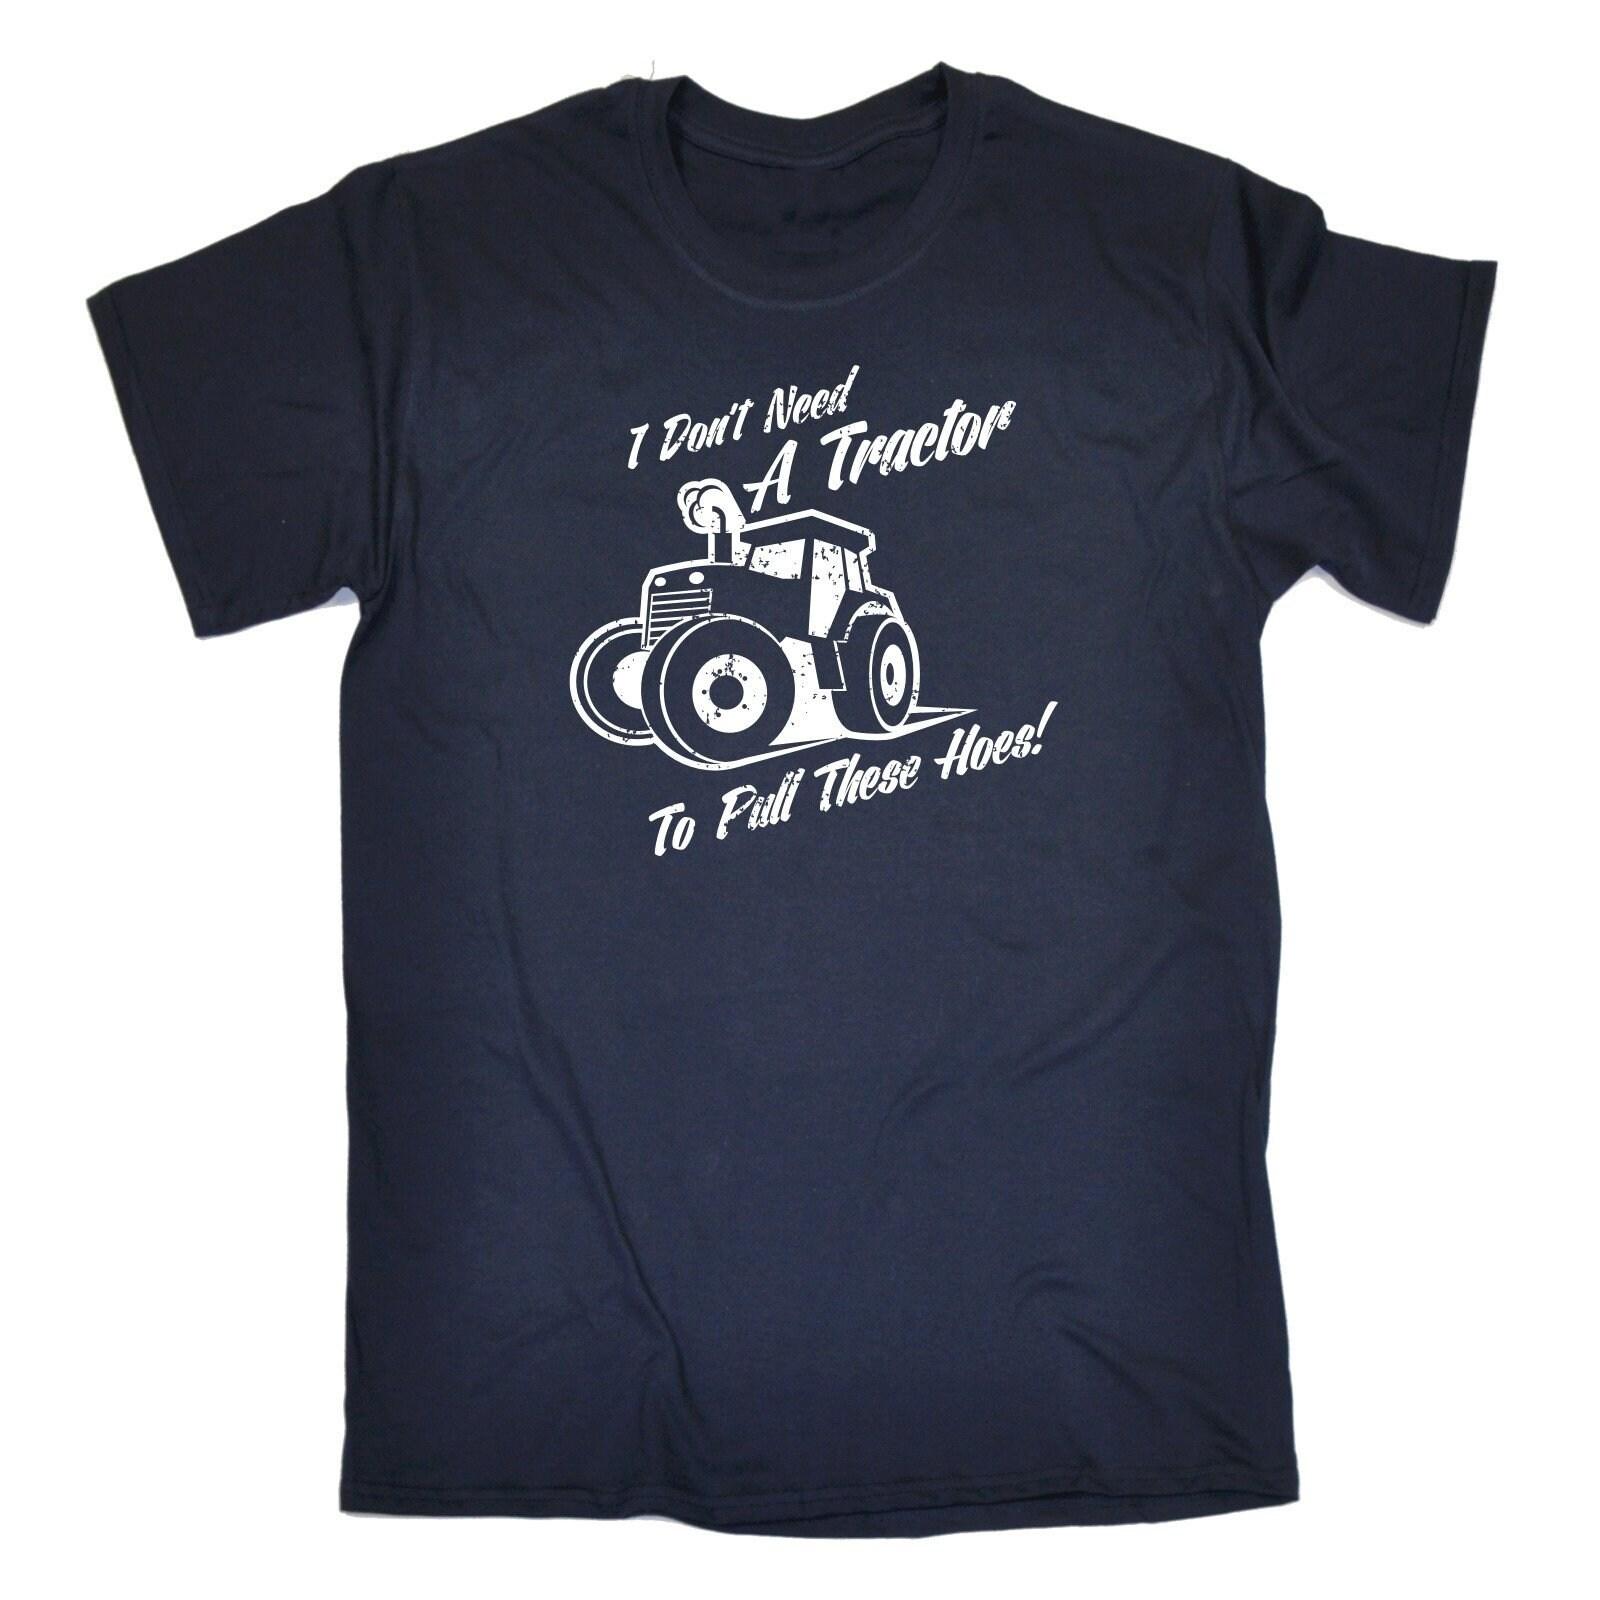 123t des hommes je je hommes n'avez pas besoin d'un tracteur pour tirer ces houes drôle T-Shirt Tee Tshirt T Shirts nouveauté drôle cadeau d'anniversaire cadeau Noël 2d16ce